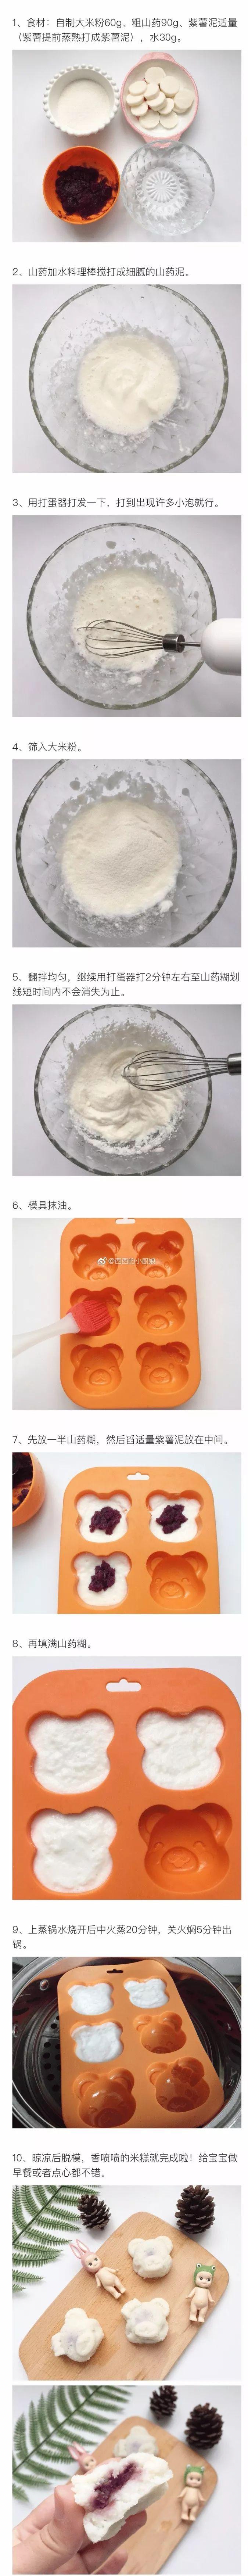 【爱育幼童 | 妈妈厨房】 紫薯山药夹心米糕